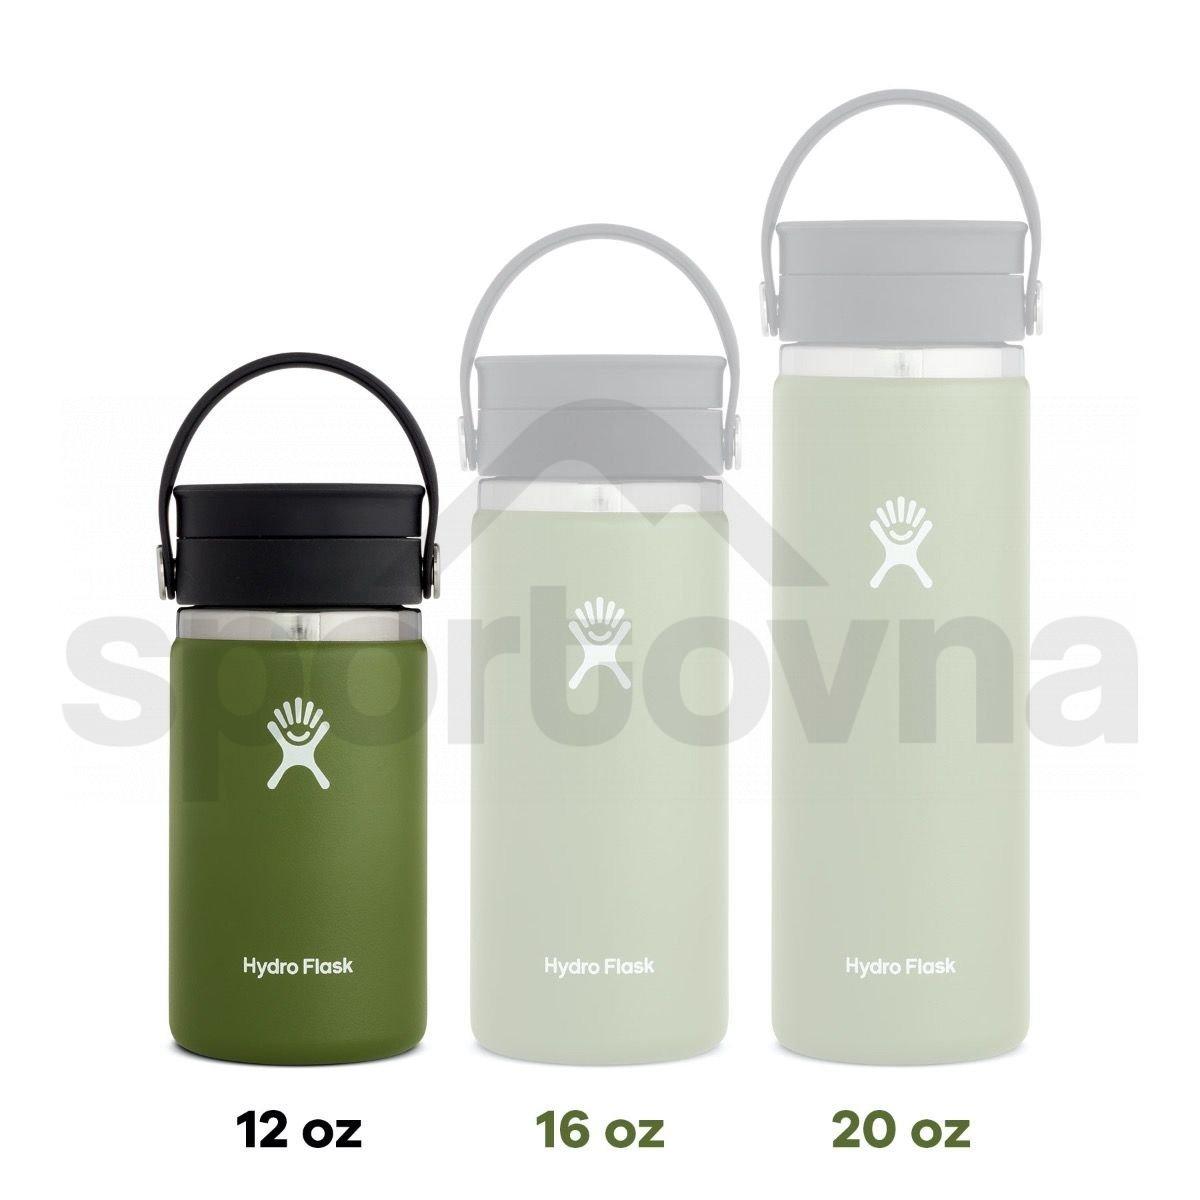 Termohrnek Hydro Flask Coffee Wide Mouth Flex Sip Lid 12 oz - bílá